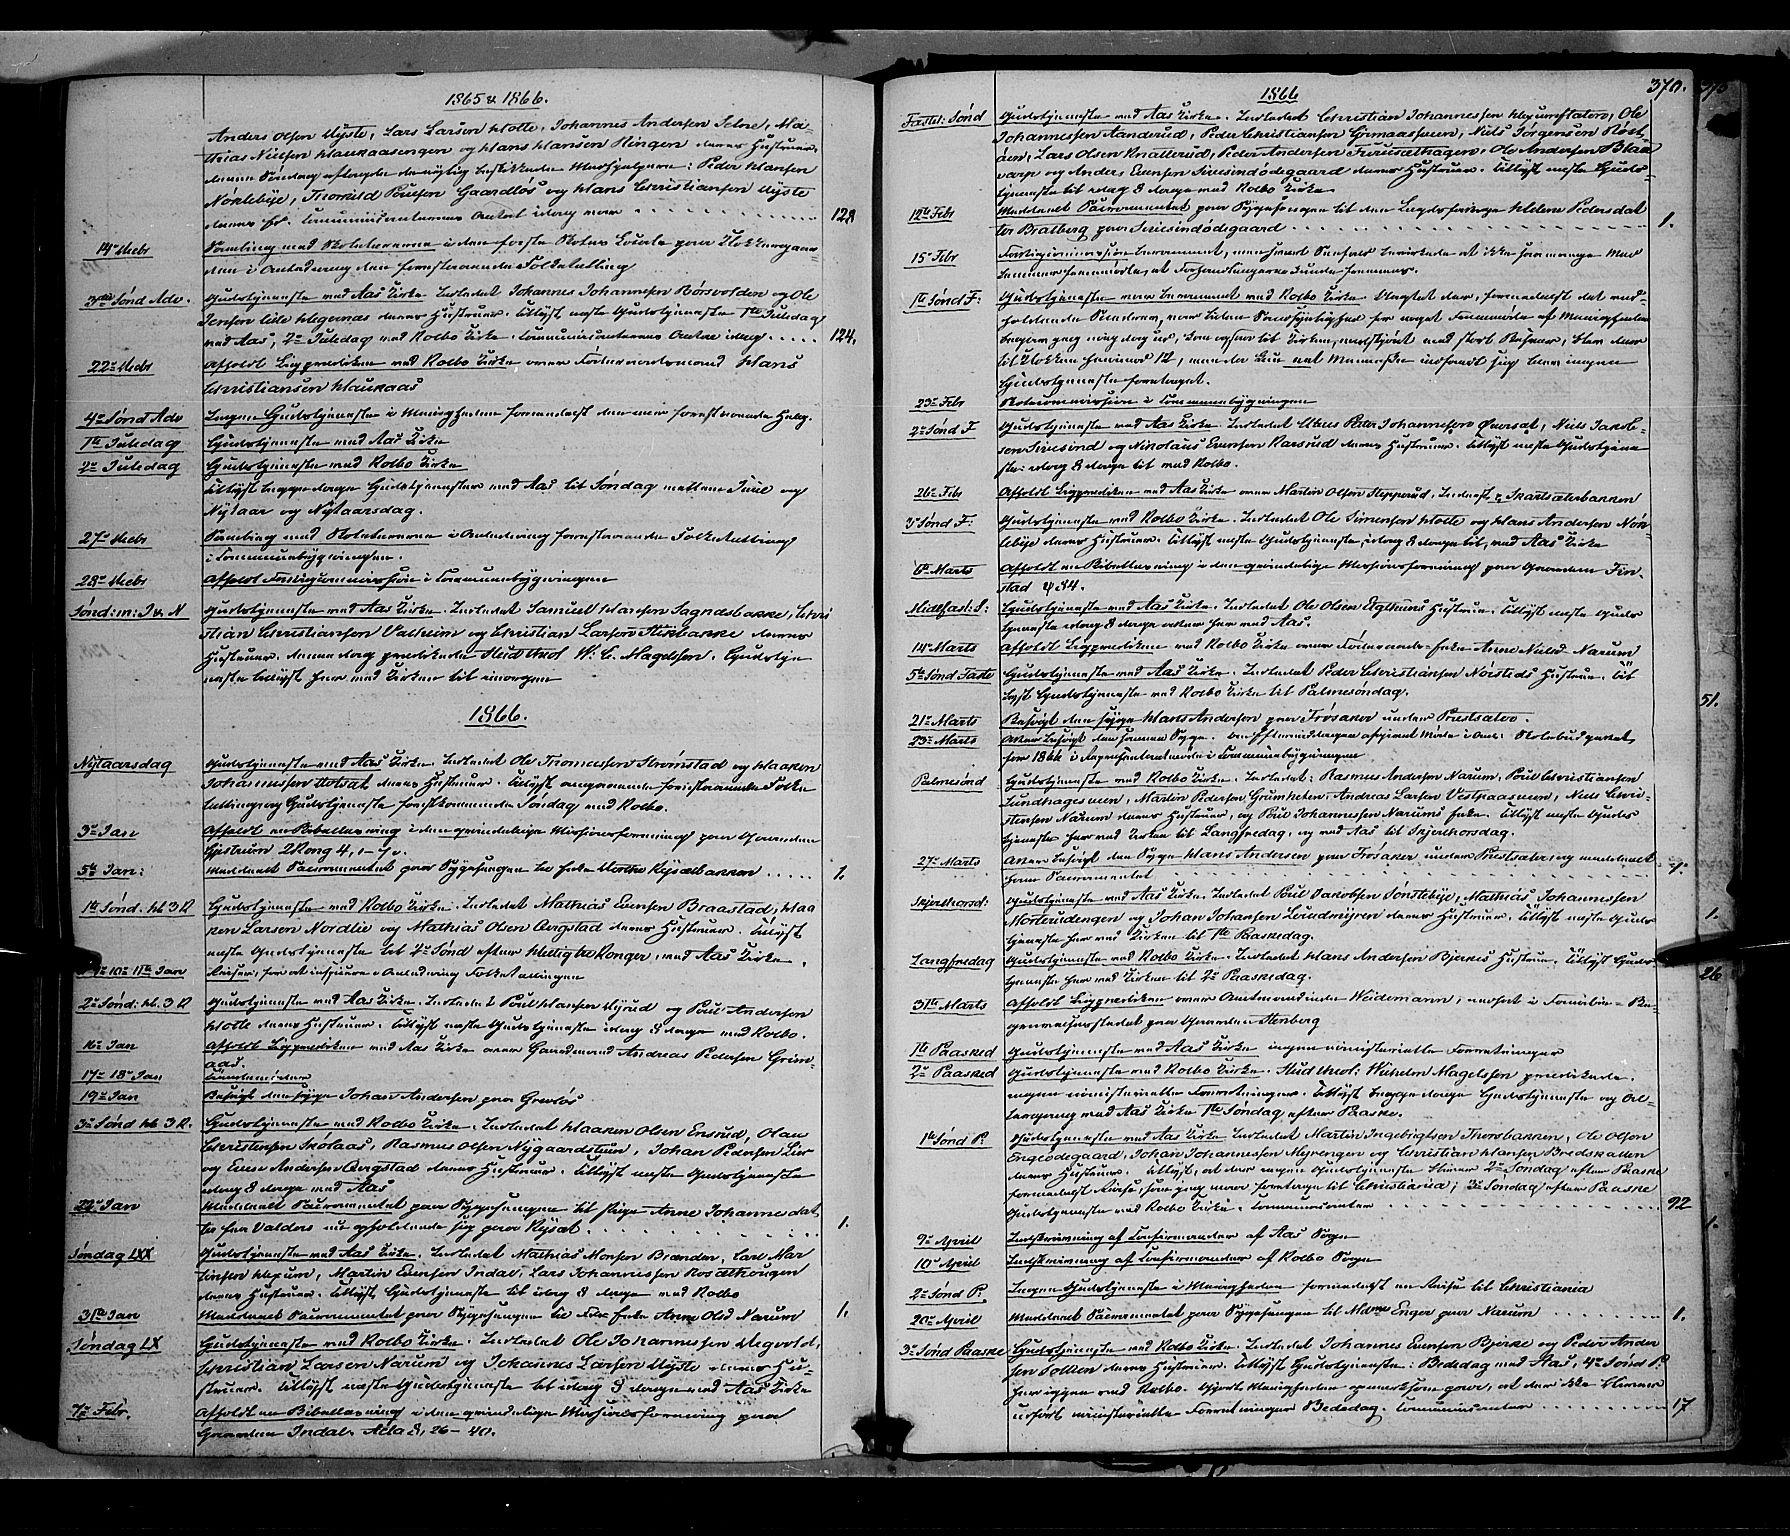 SAH, Vestre Toten prestekontor, Ministerialbok nr. 7, 1862-1869, s. 370